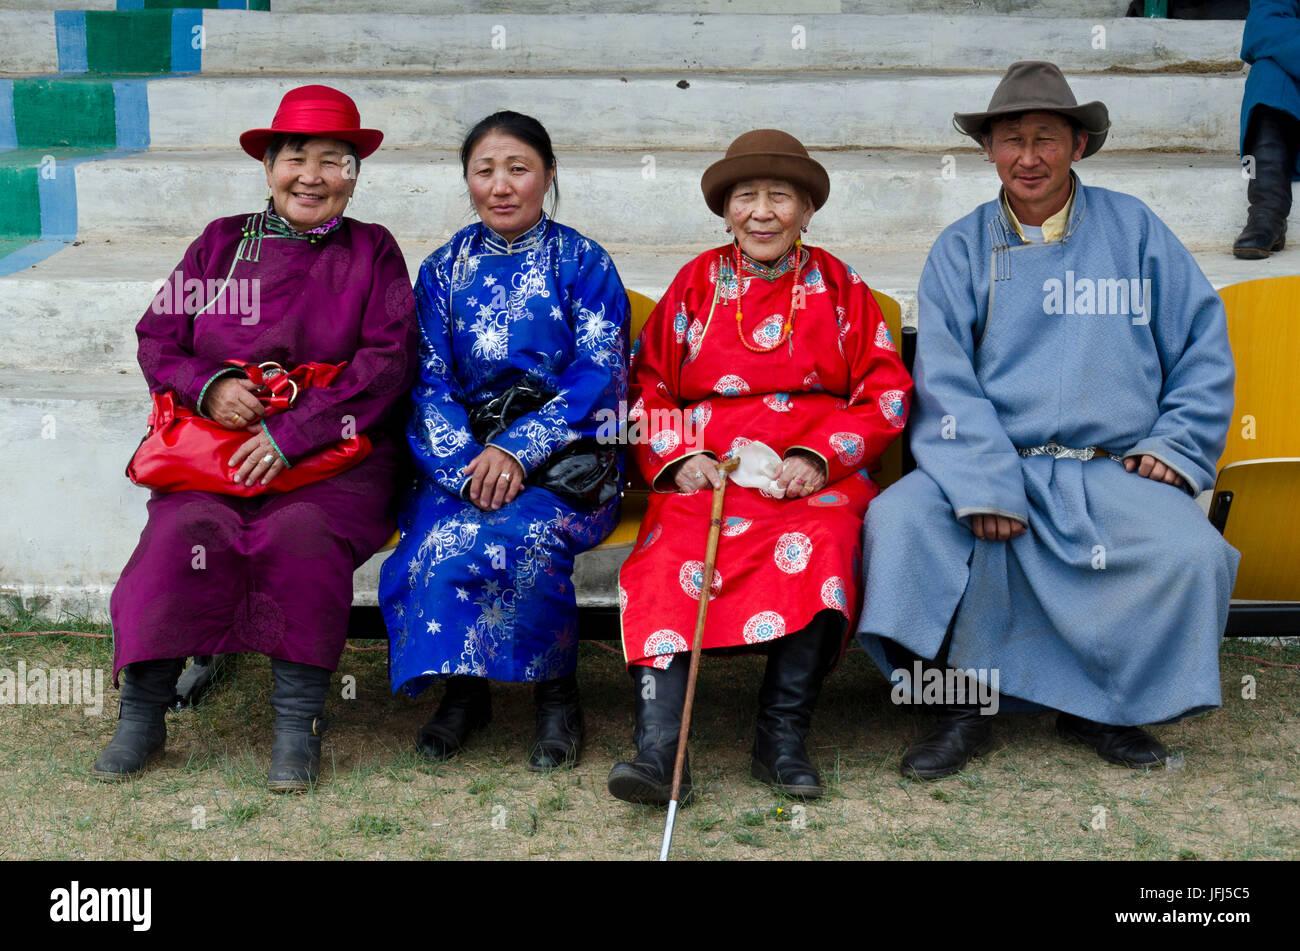 Mongolei, Zentralasien, Sayhan Naadam fest, Nationalfest der Mongolei, Sportstadion, Ringkampf, Zuschauer Stockbild